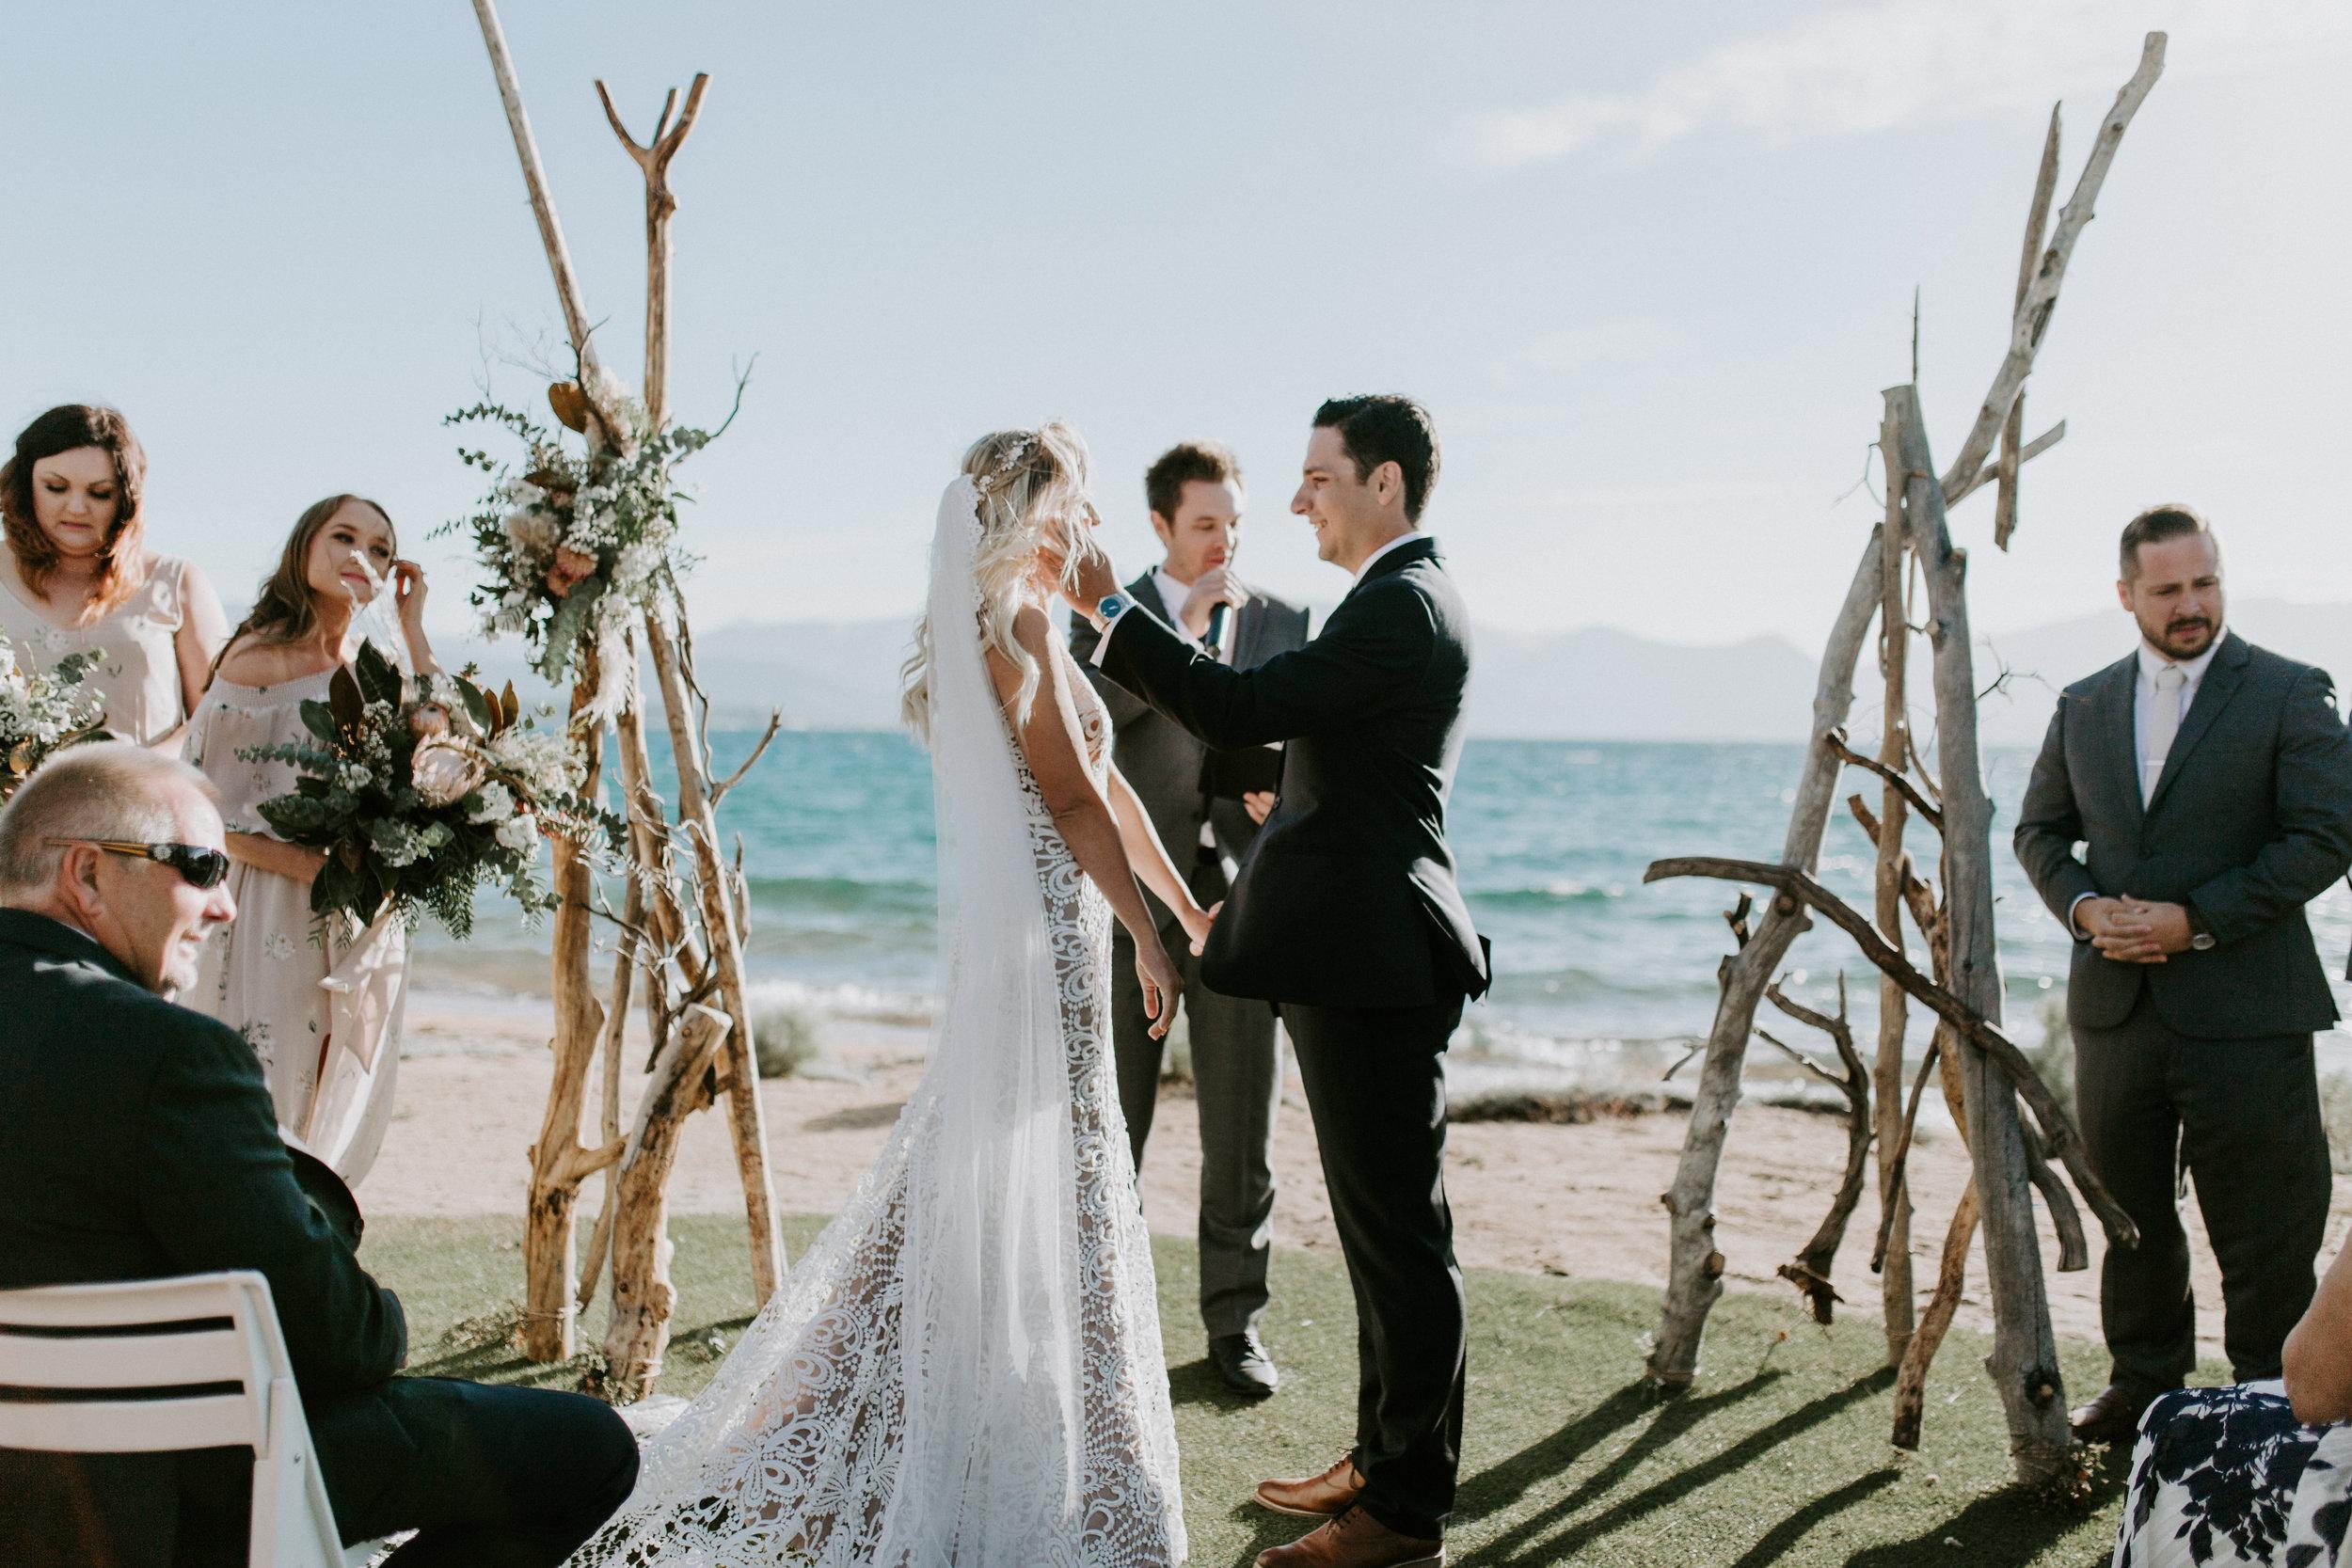 Tahoe Wedding - Edgewood Tahoe